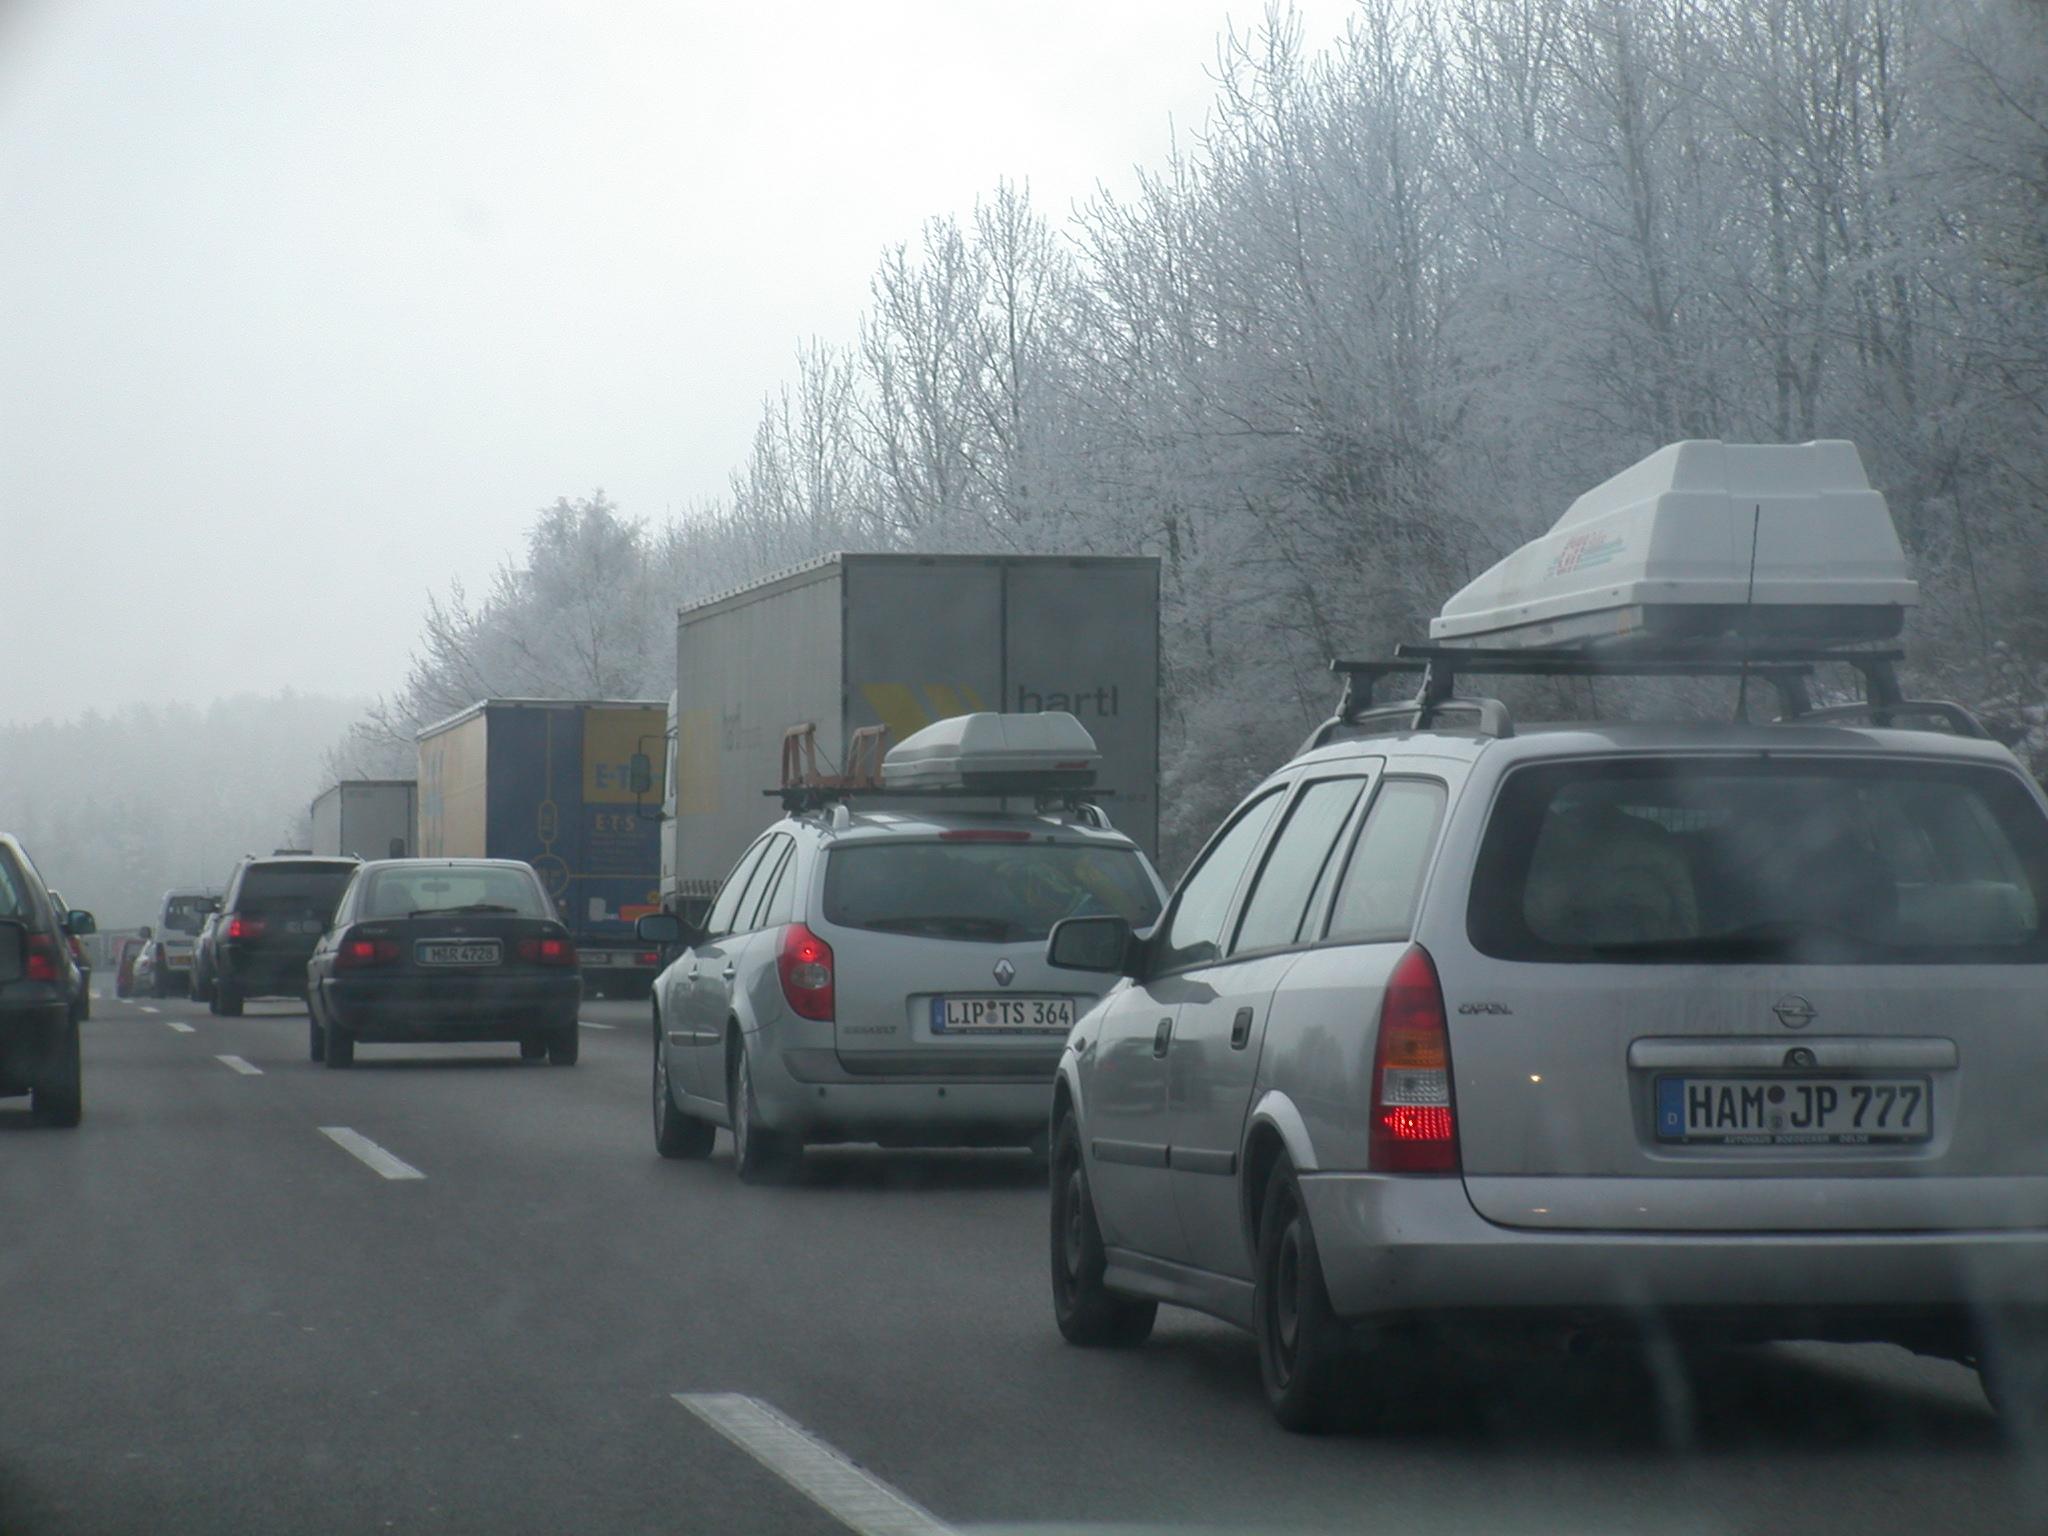 german car cars licence licenceplate plate number numberplate traffic peak peaktime file congestion autobahn packed tight road freeway motorway highway